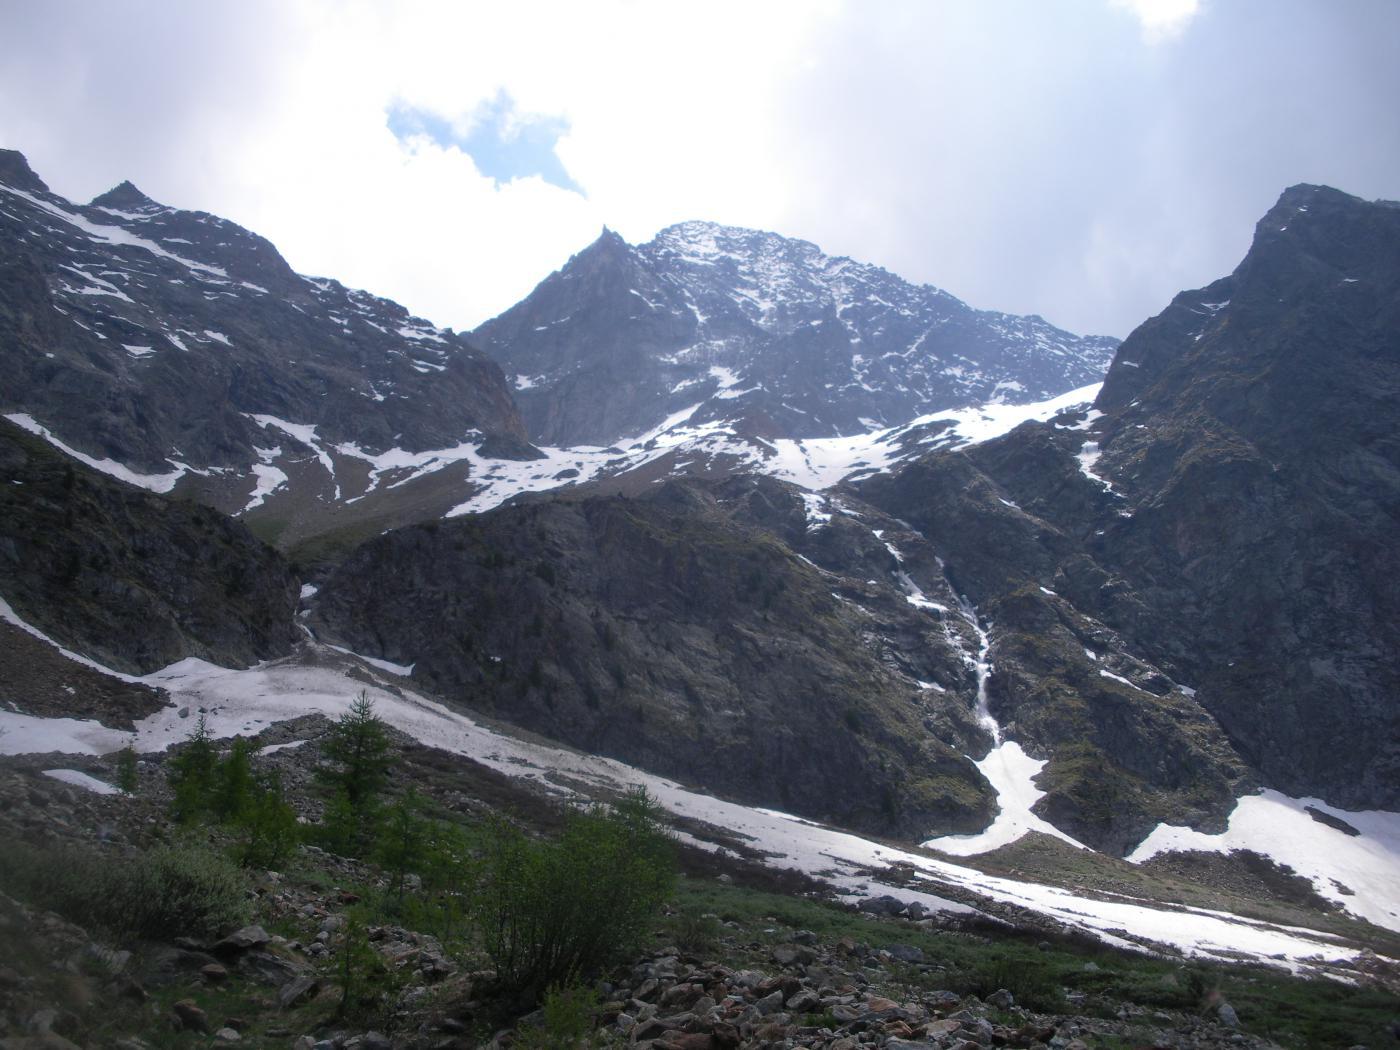 il selvaggio e solitario vallone d'Arpisson dominato dalla mole dell'Emilius alto al fondo..